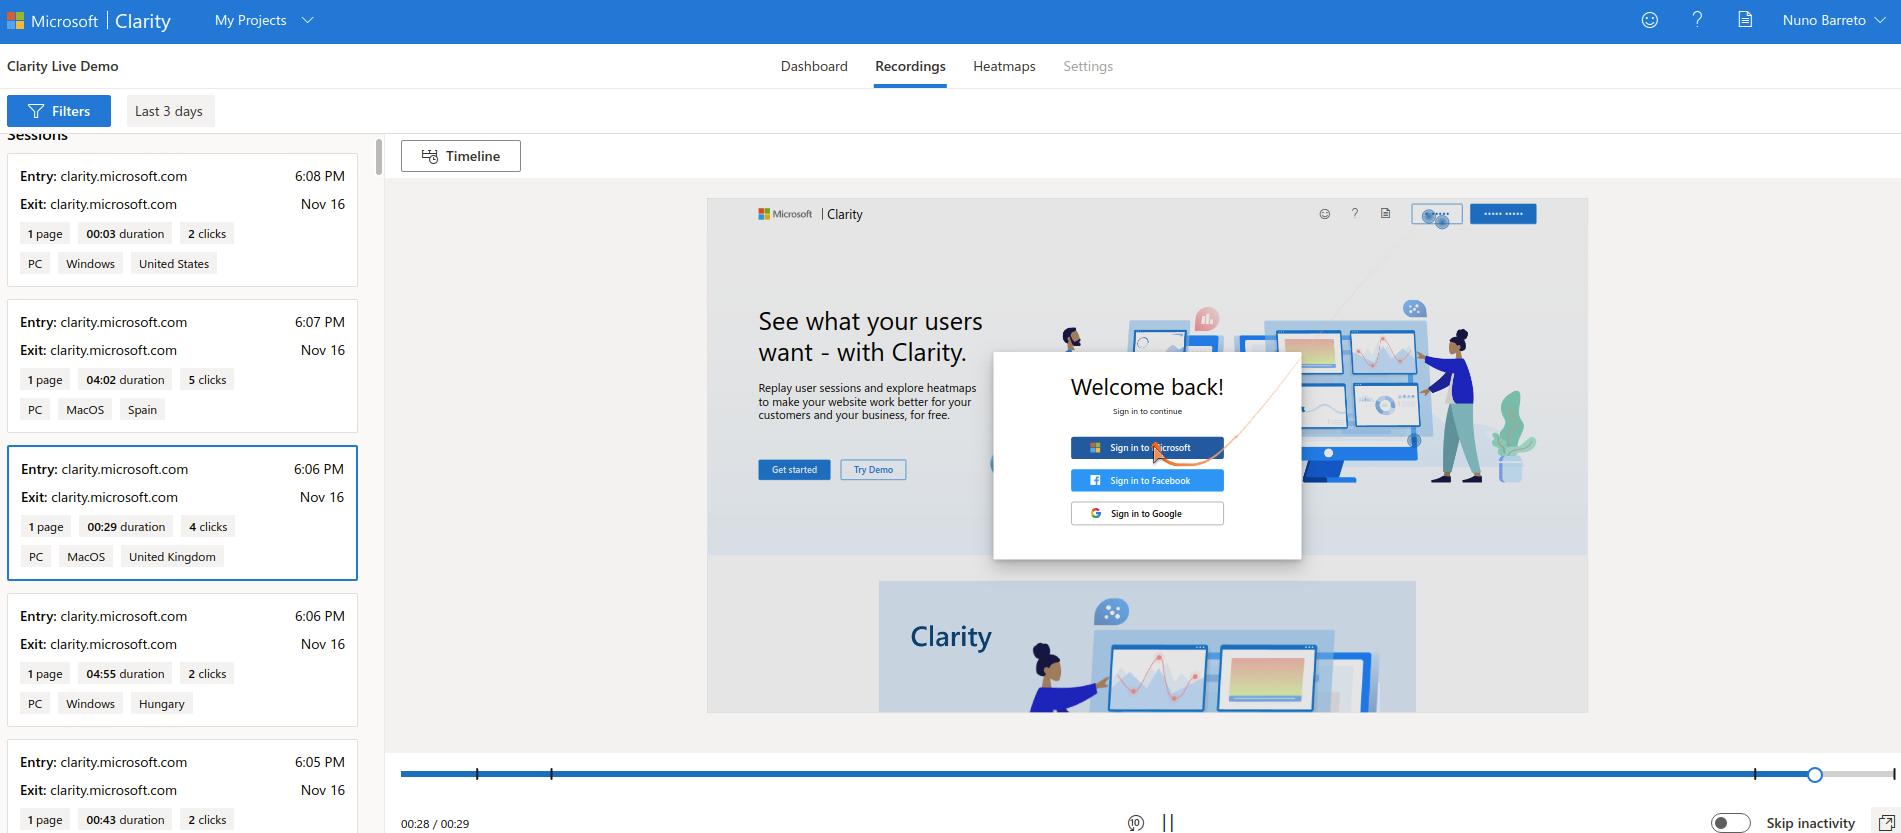 Ver sessões gravadas no Microsoft Clarity